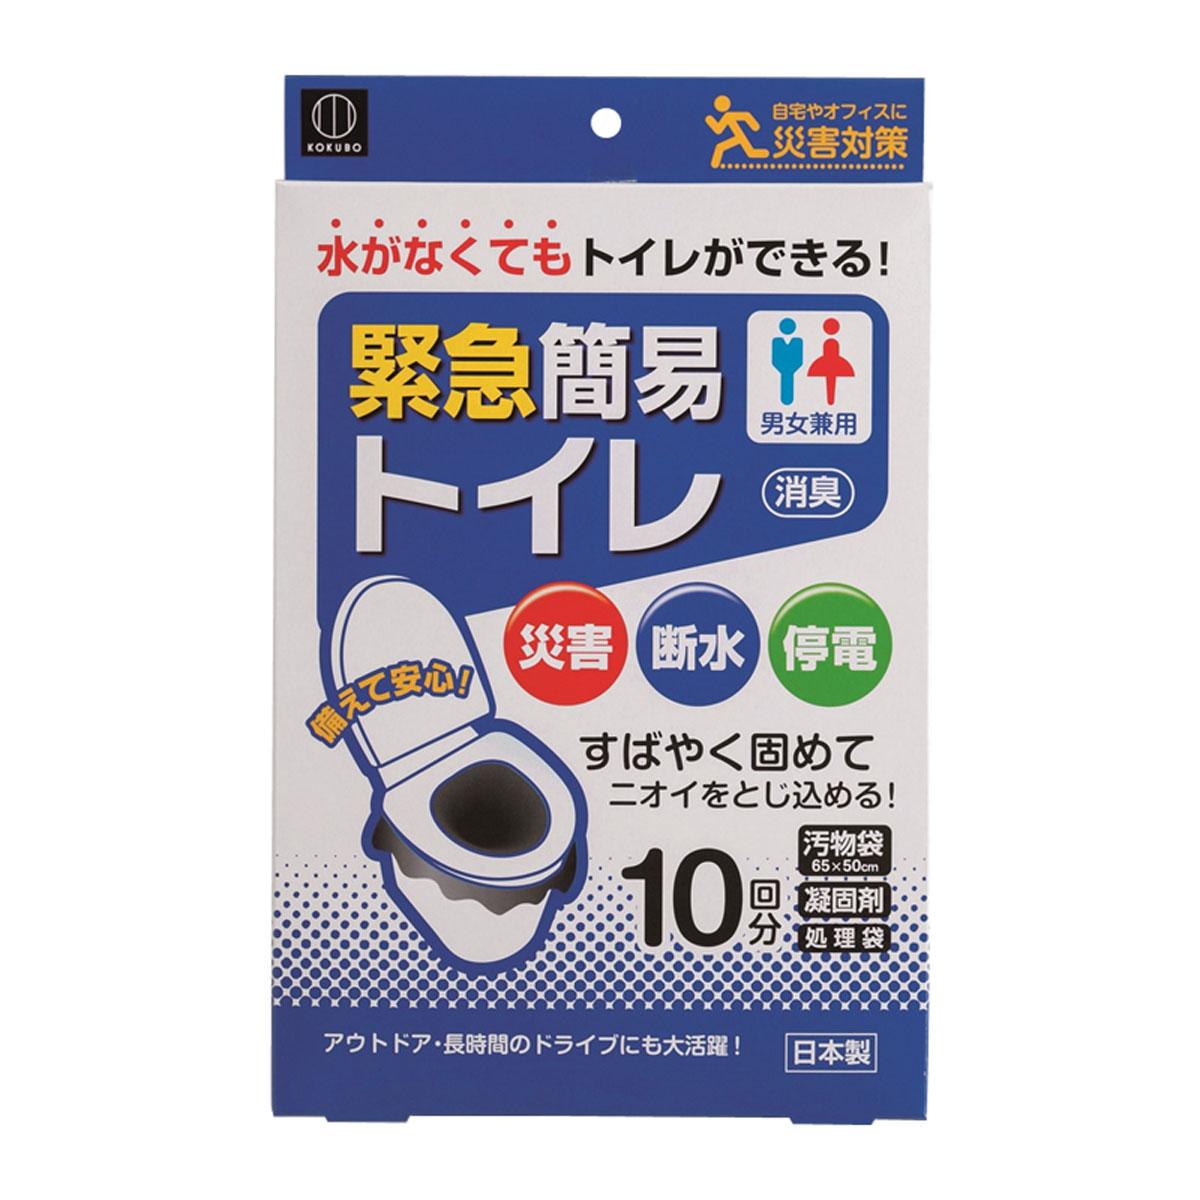 緊急簡易トイレ 10回分 KM-012